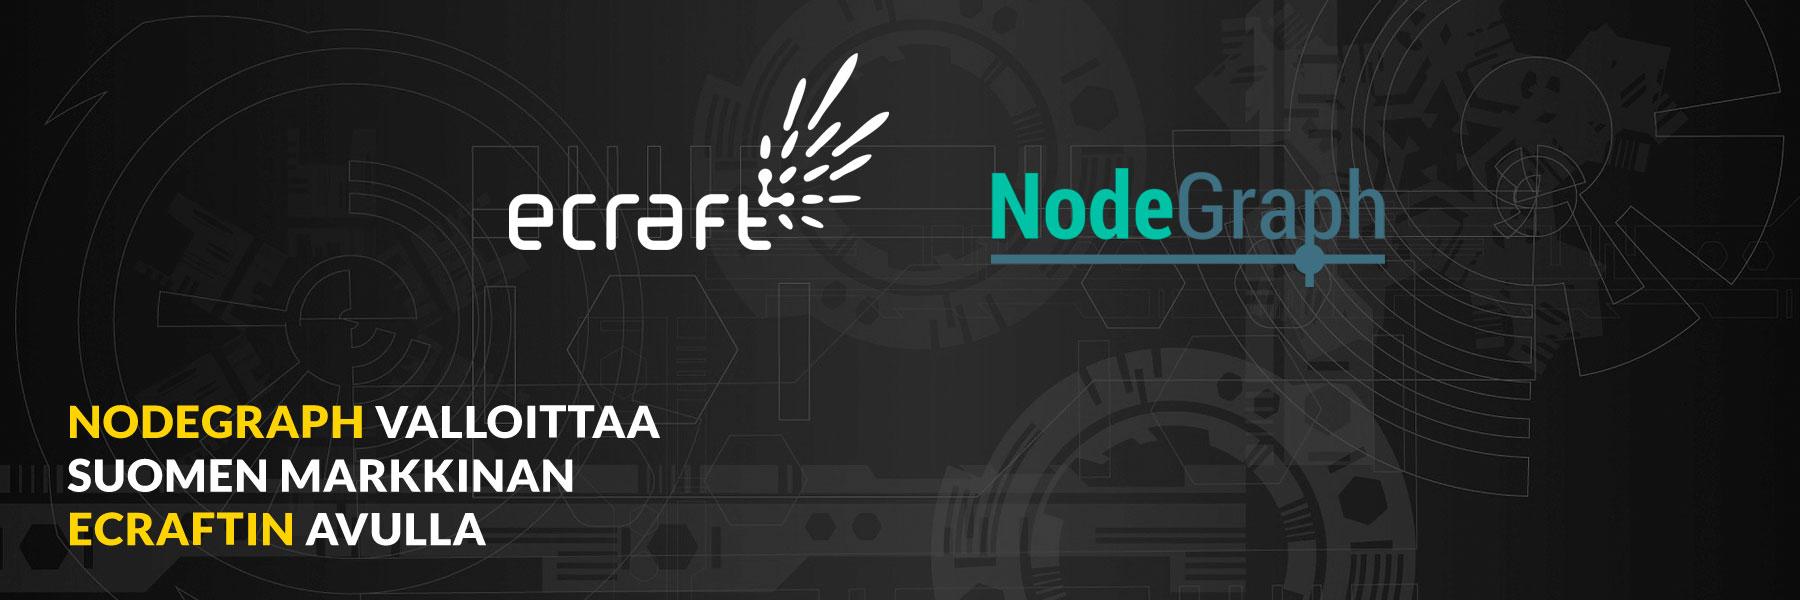 ecraft+nodegraph.jpg